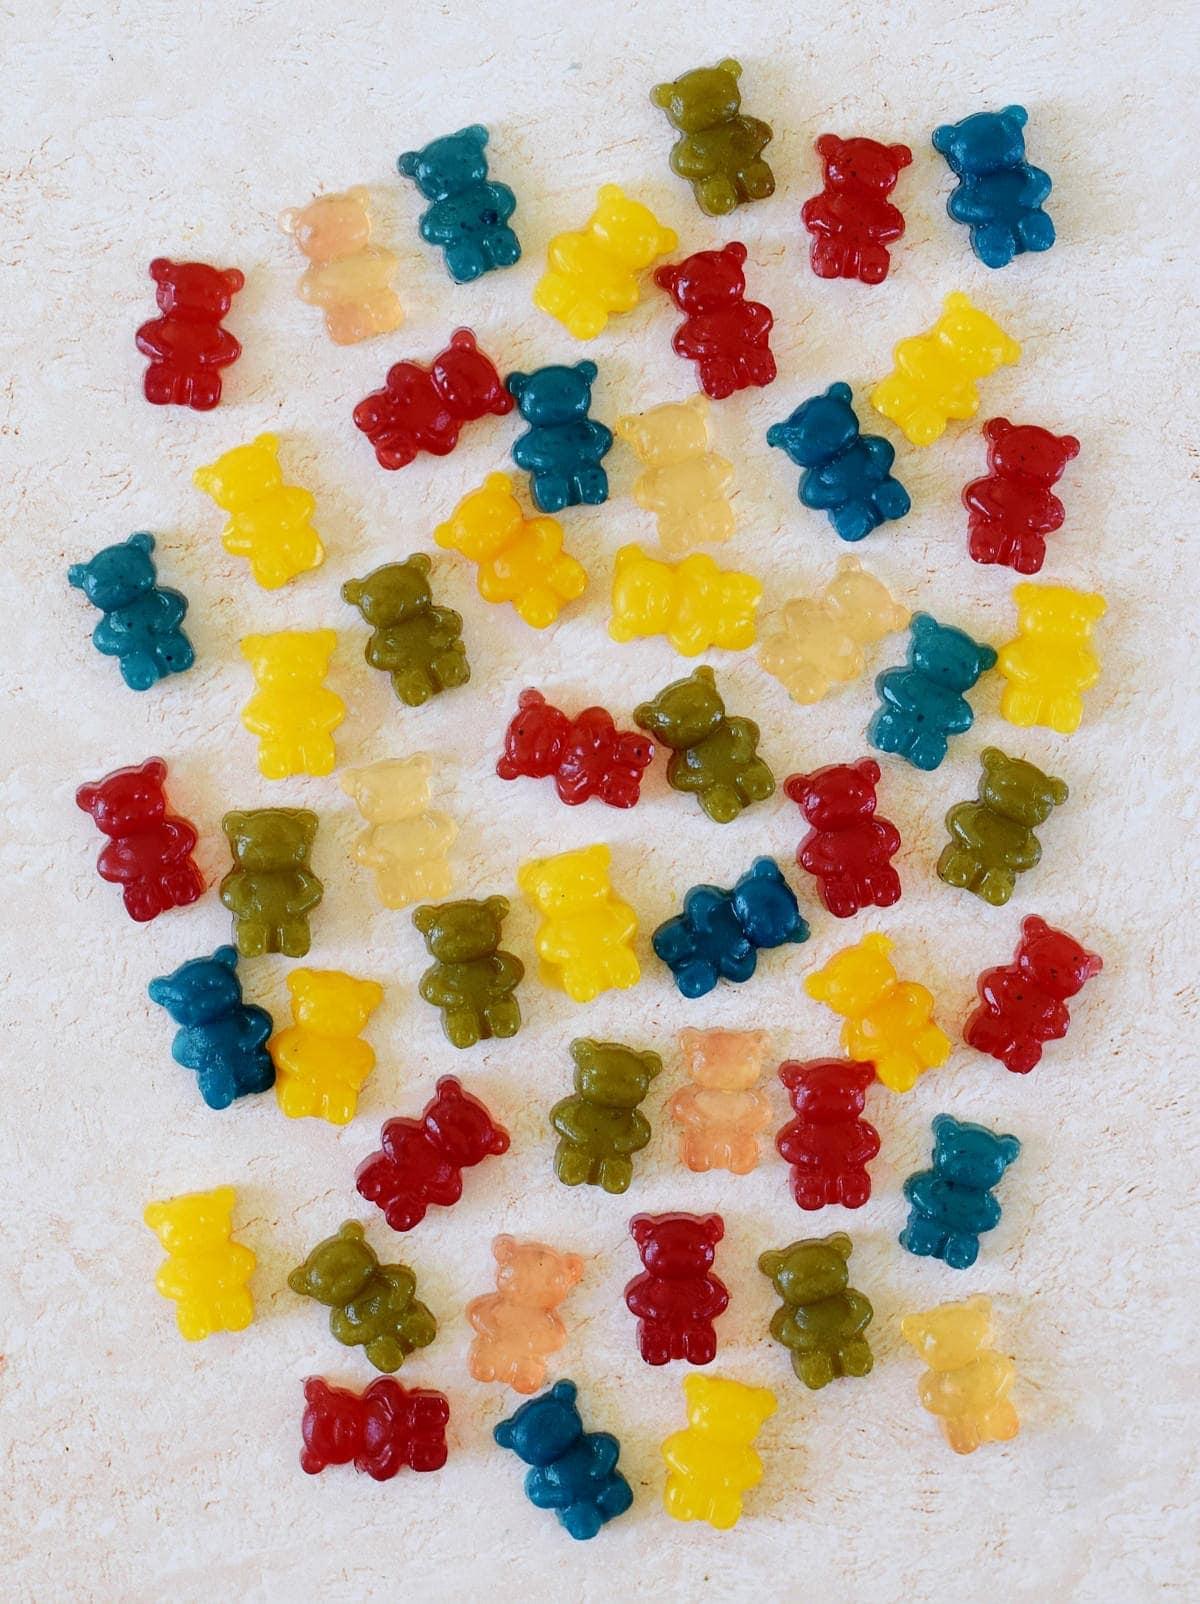 homemade vegan gummy bears in 6 colors on light background